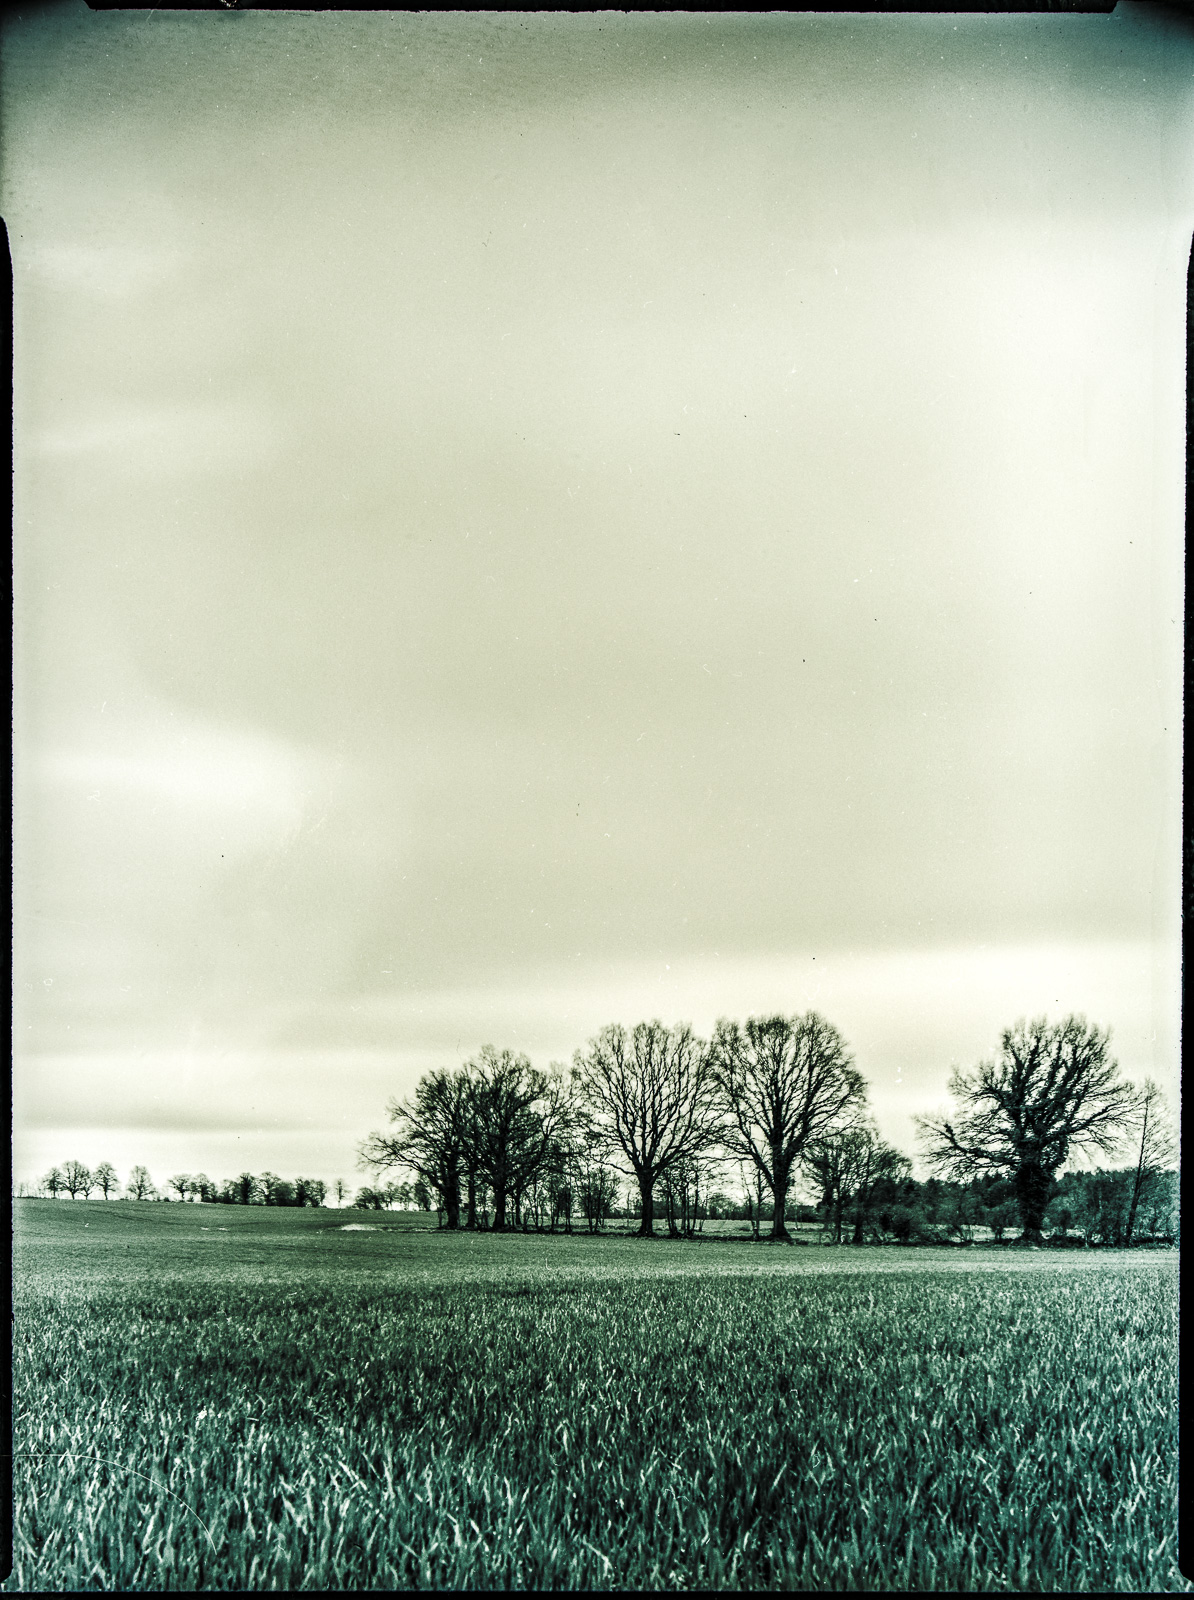 Feld und Bäume mit viel Himmel darüber, Planfilm 9x12, Orwo DN2 wie 0 DIN in Rodinal 1:100